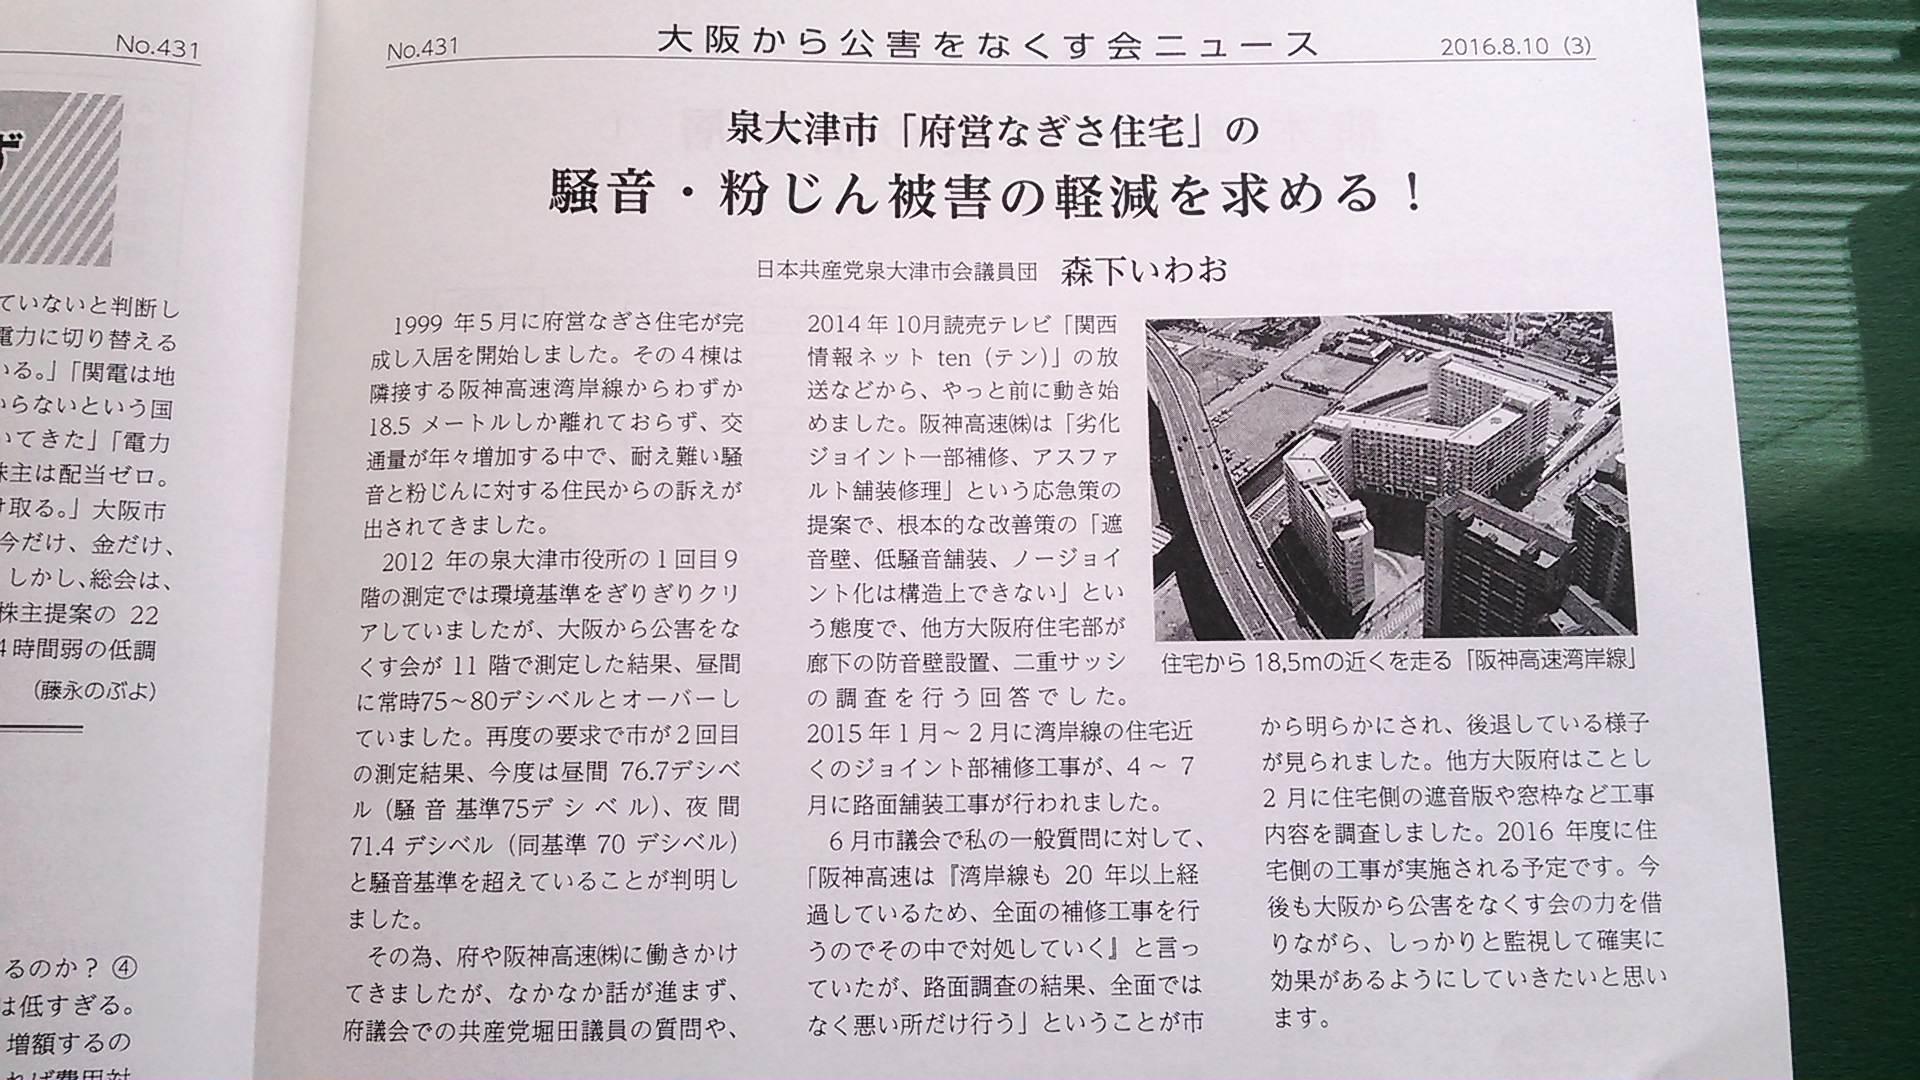 なぎさ府営住宅の騒音粉塵公害の取り組みが、大阪から公害をなくす会のニュースに紹介されました!